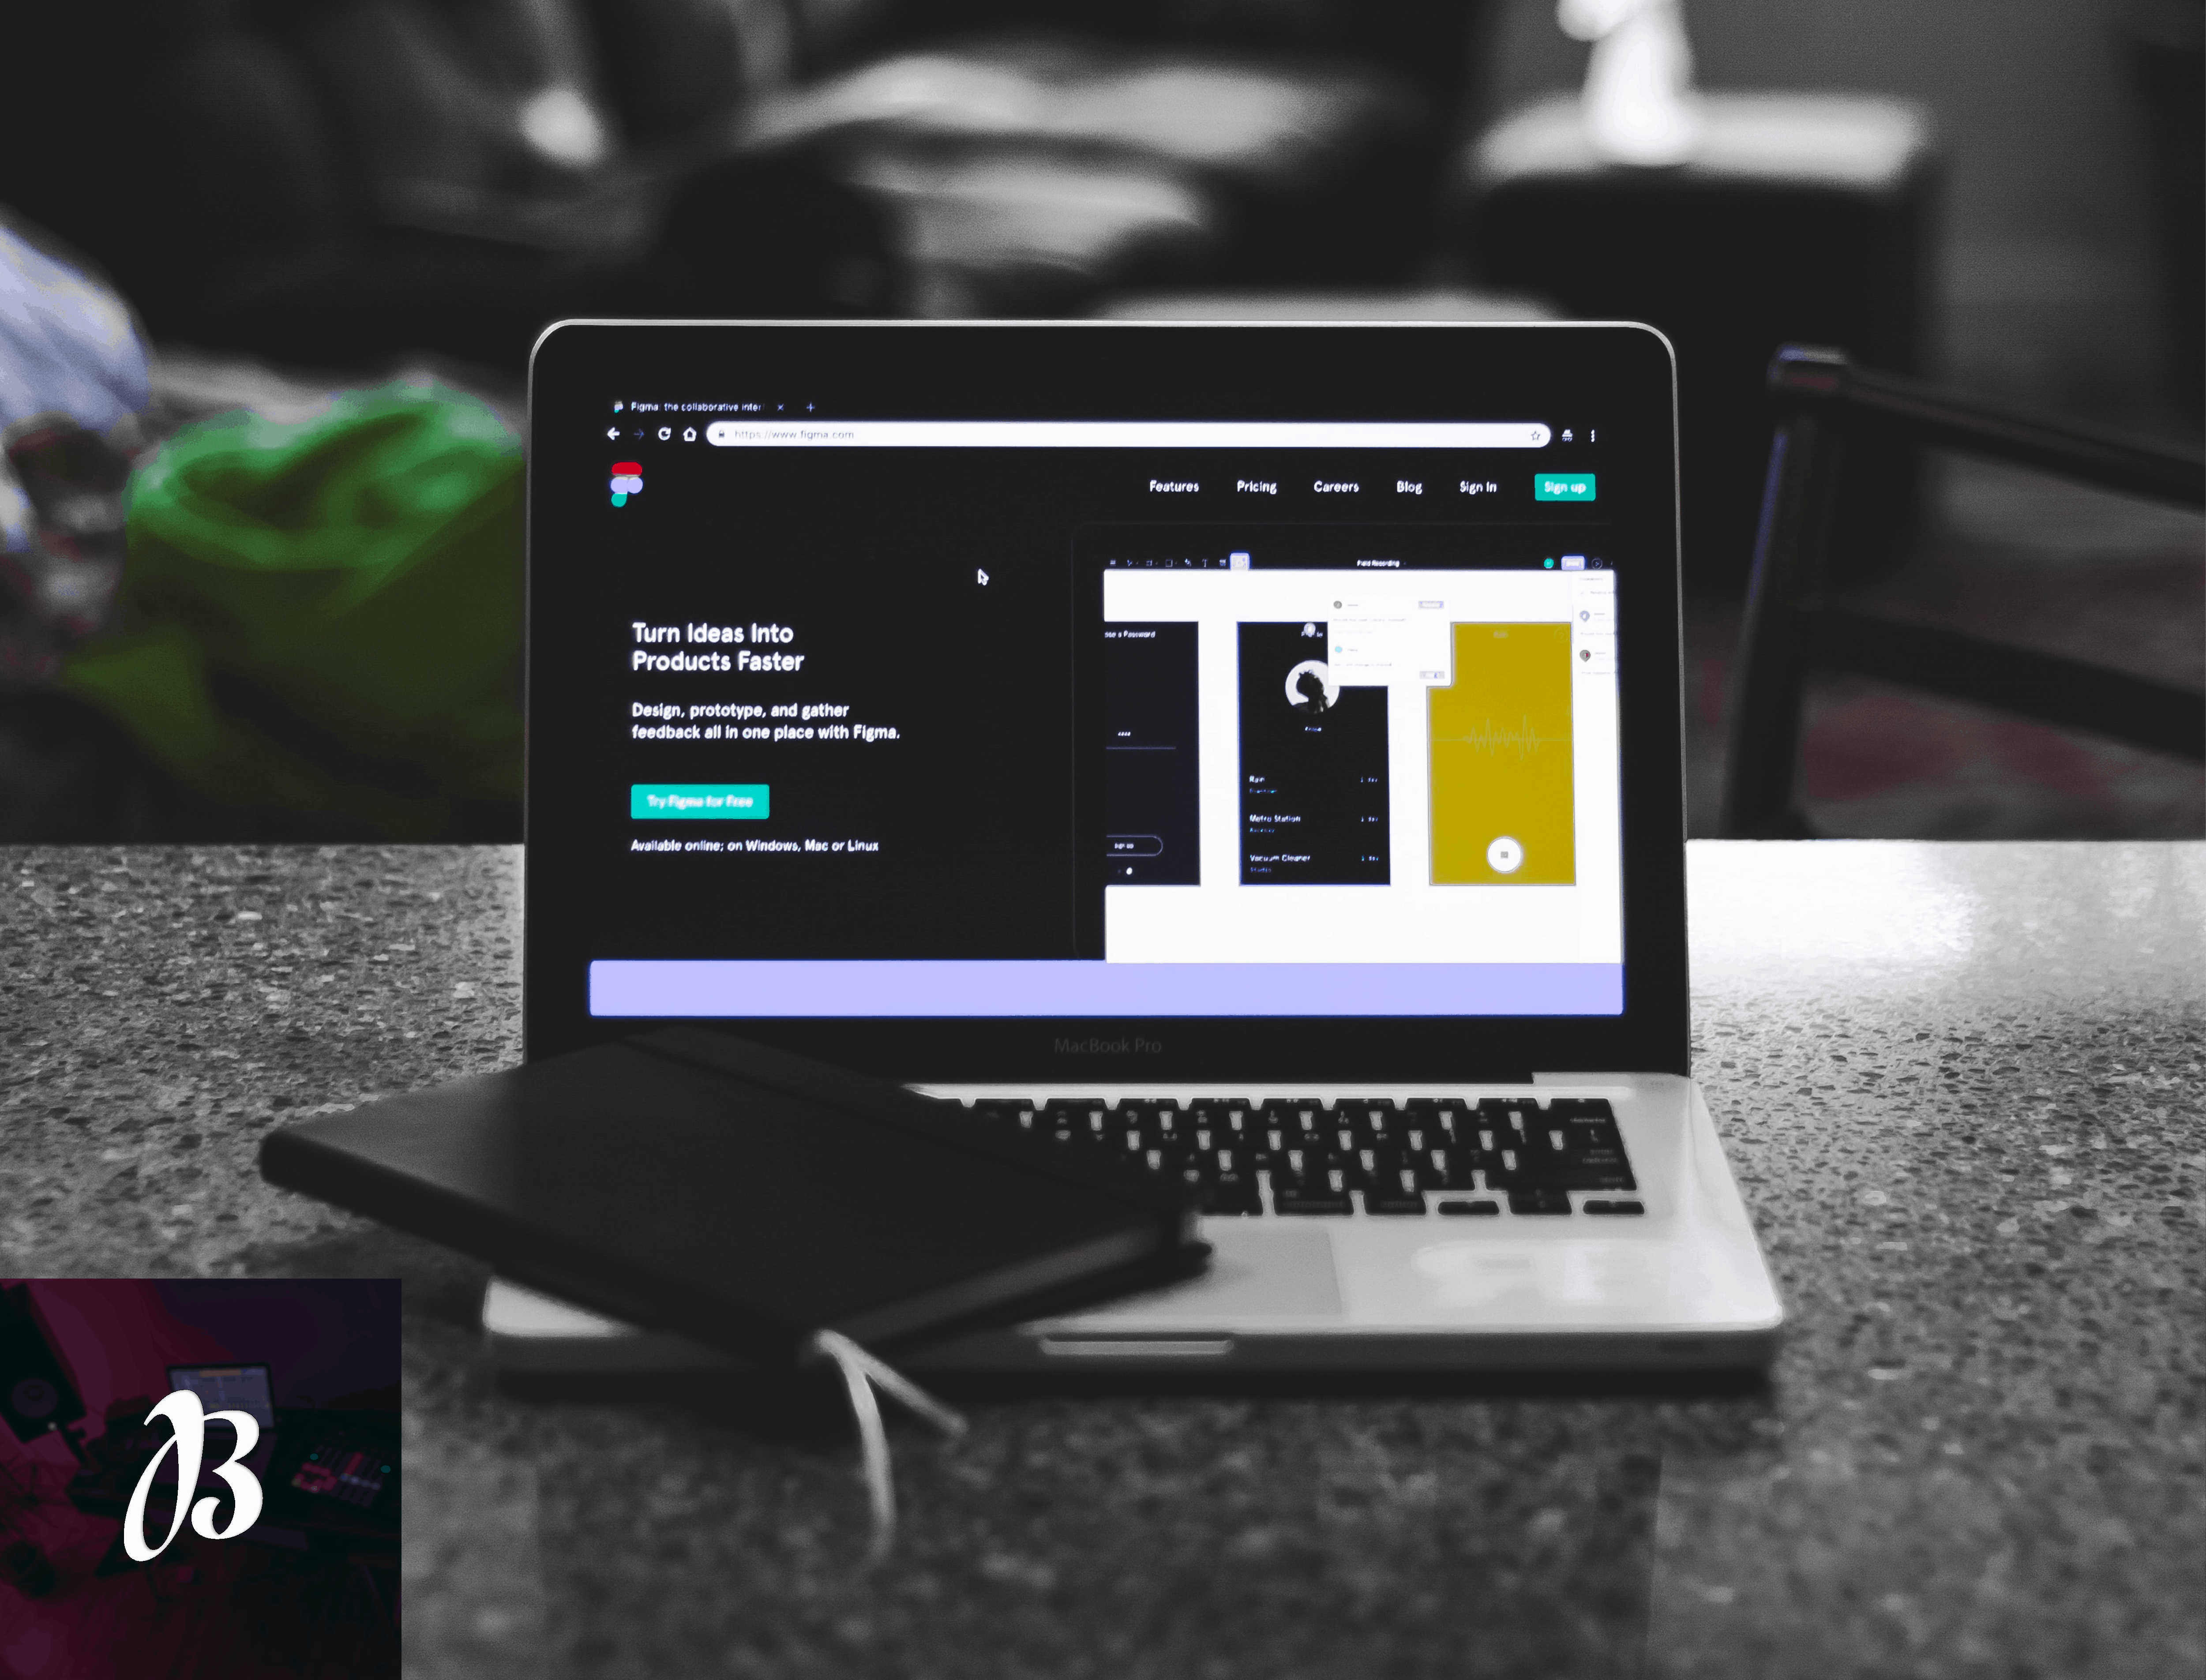 Comment créer un site Web pour les musiciens 2021 Beathoven en ligne, Comment créer un site Web pour les musiciens [Conseils clés pour 2021]., Beathoven Beats